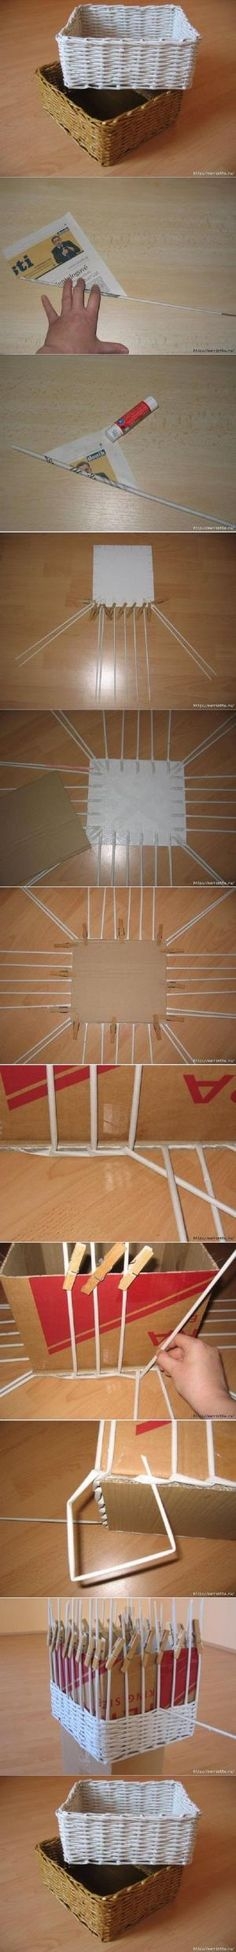 DIY Simple Newspaper Weave Basket by Lisa Francisco Muller